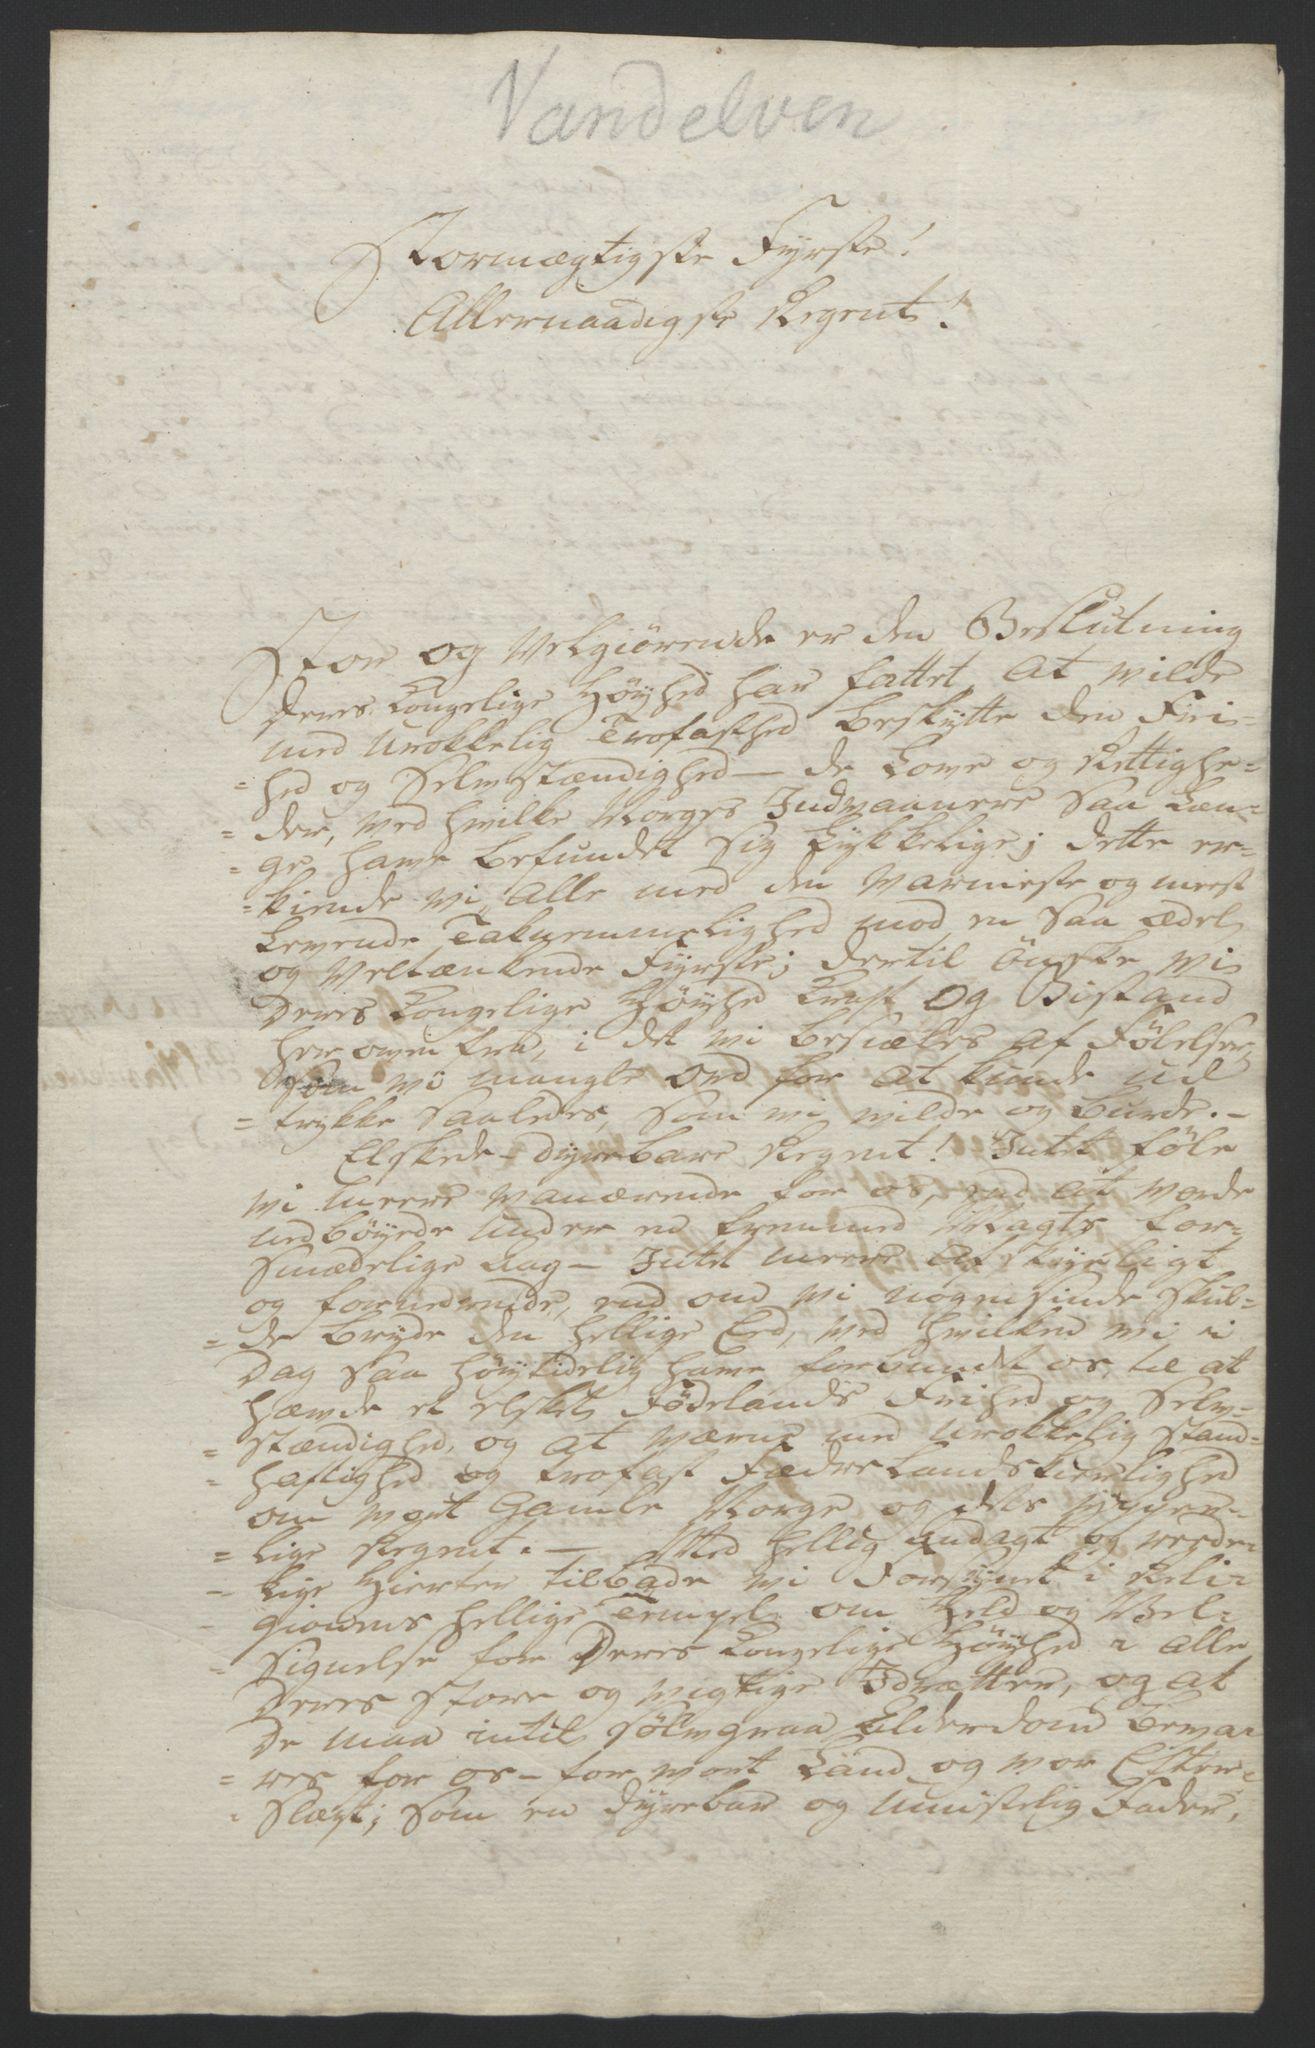 RA, Statsrådssekretariatet, D/Db/L0008: Fullmakter for Eidsvollsrepresentantene i 1814. , 1814, s. 411